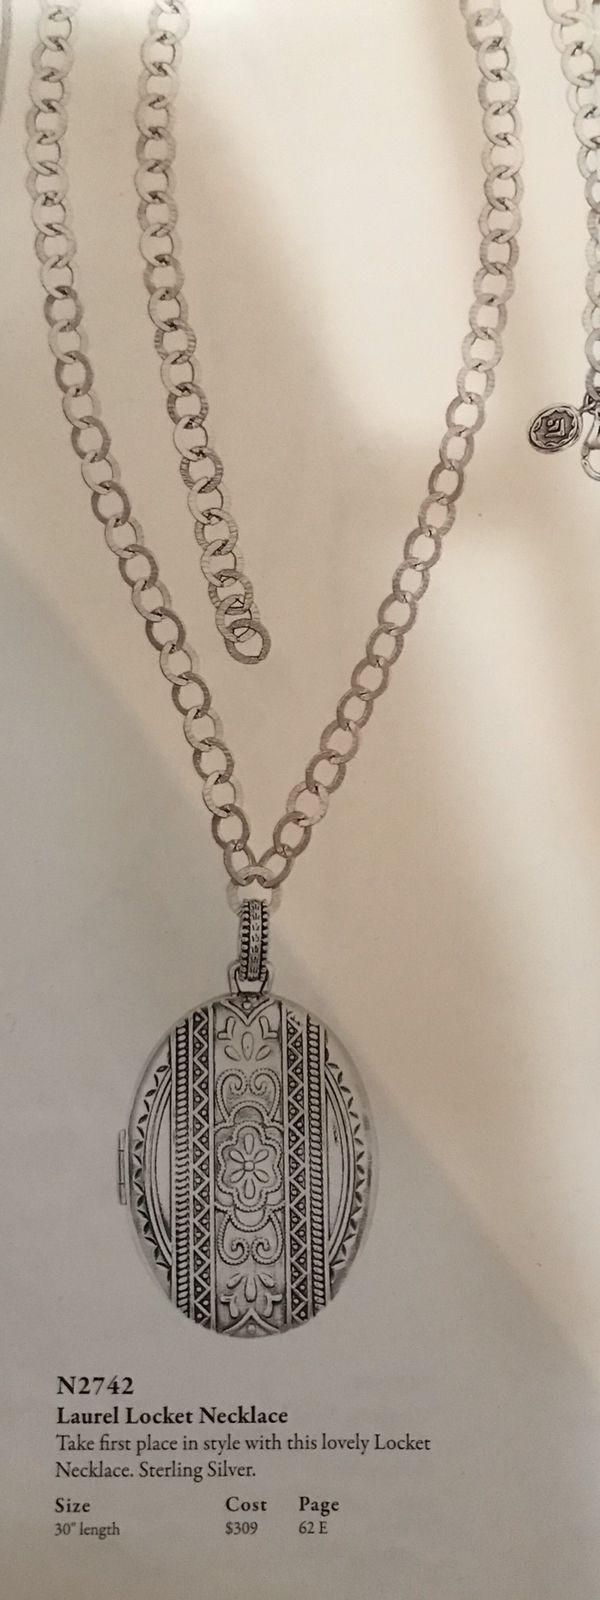 Silpada Laurel Locket Necklace